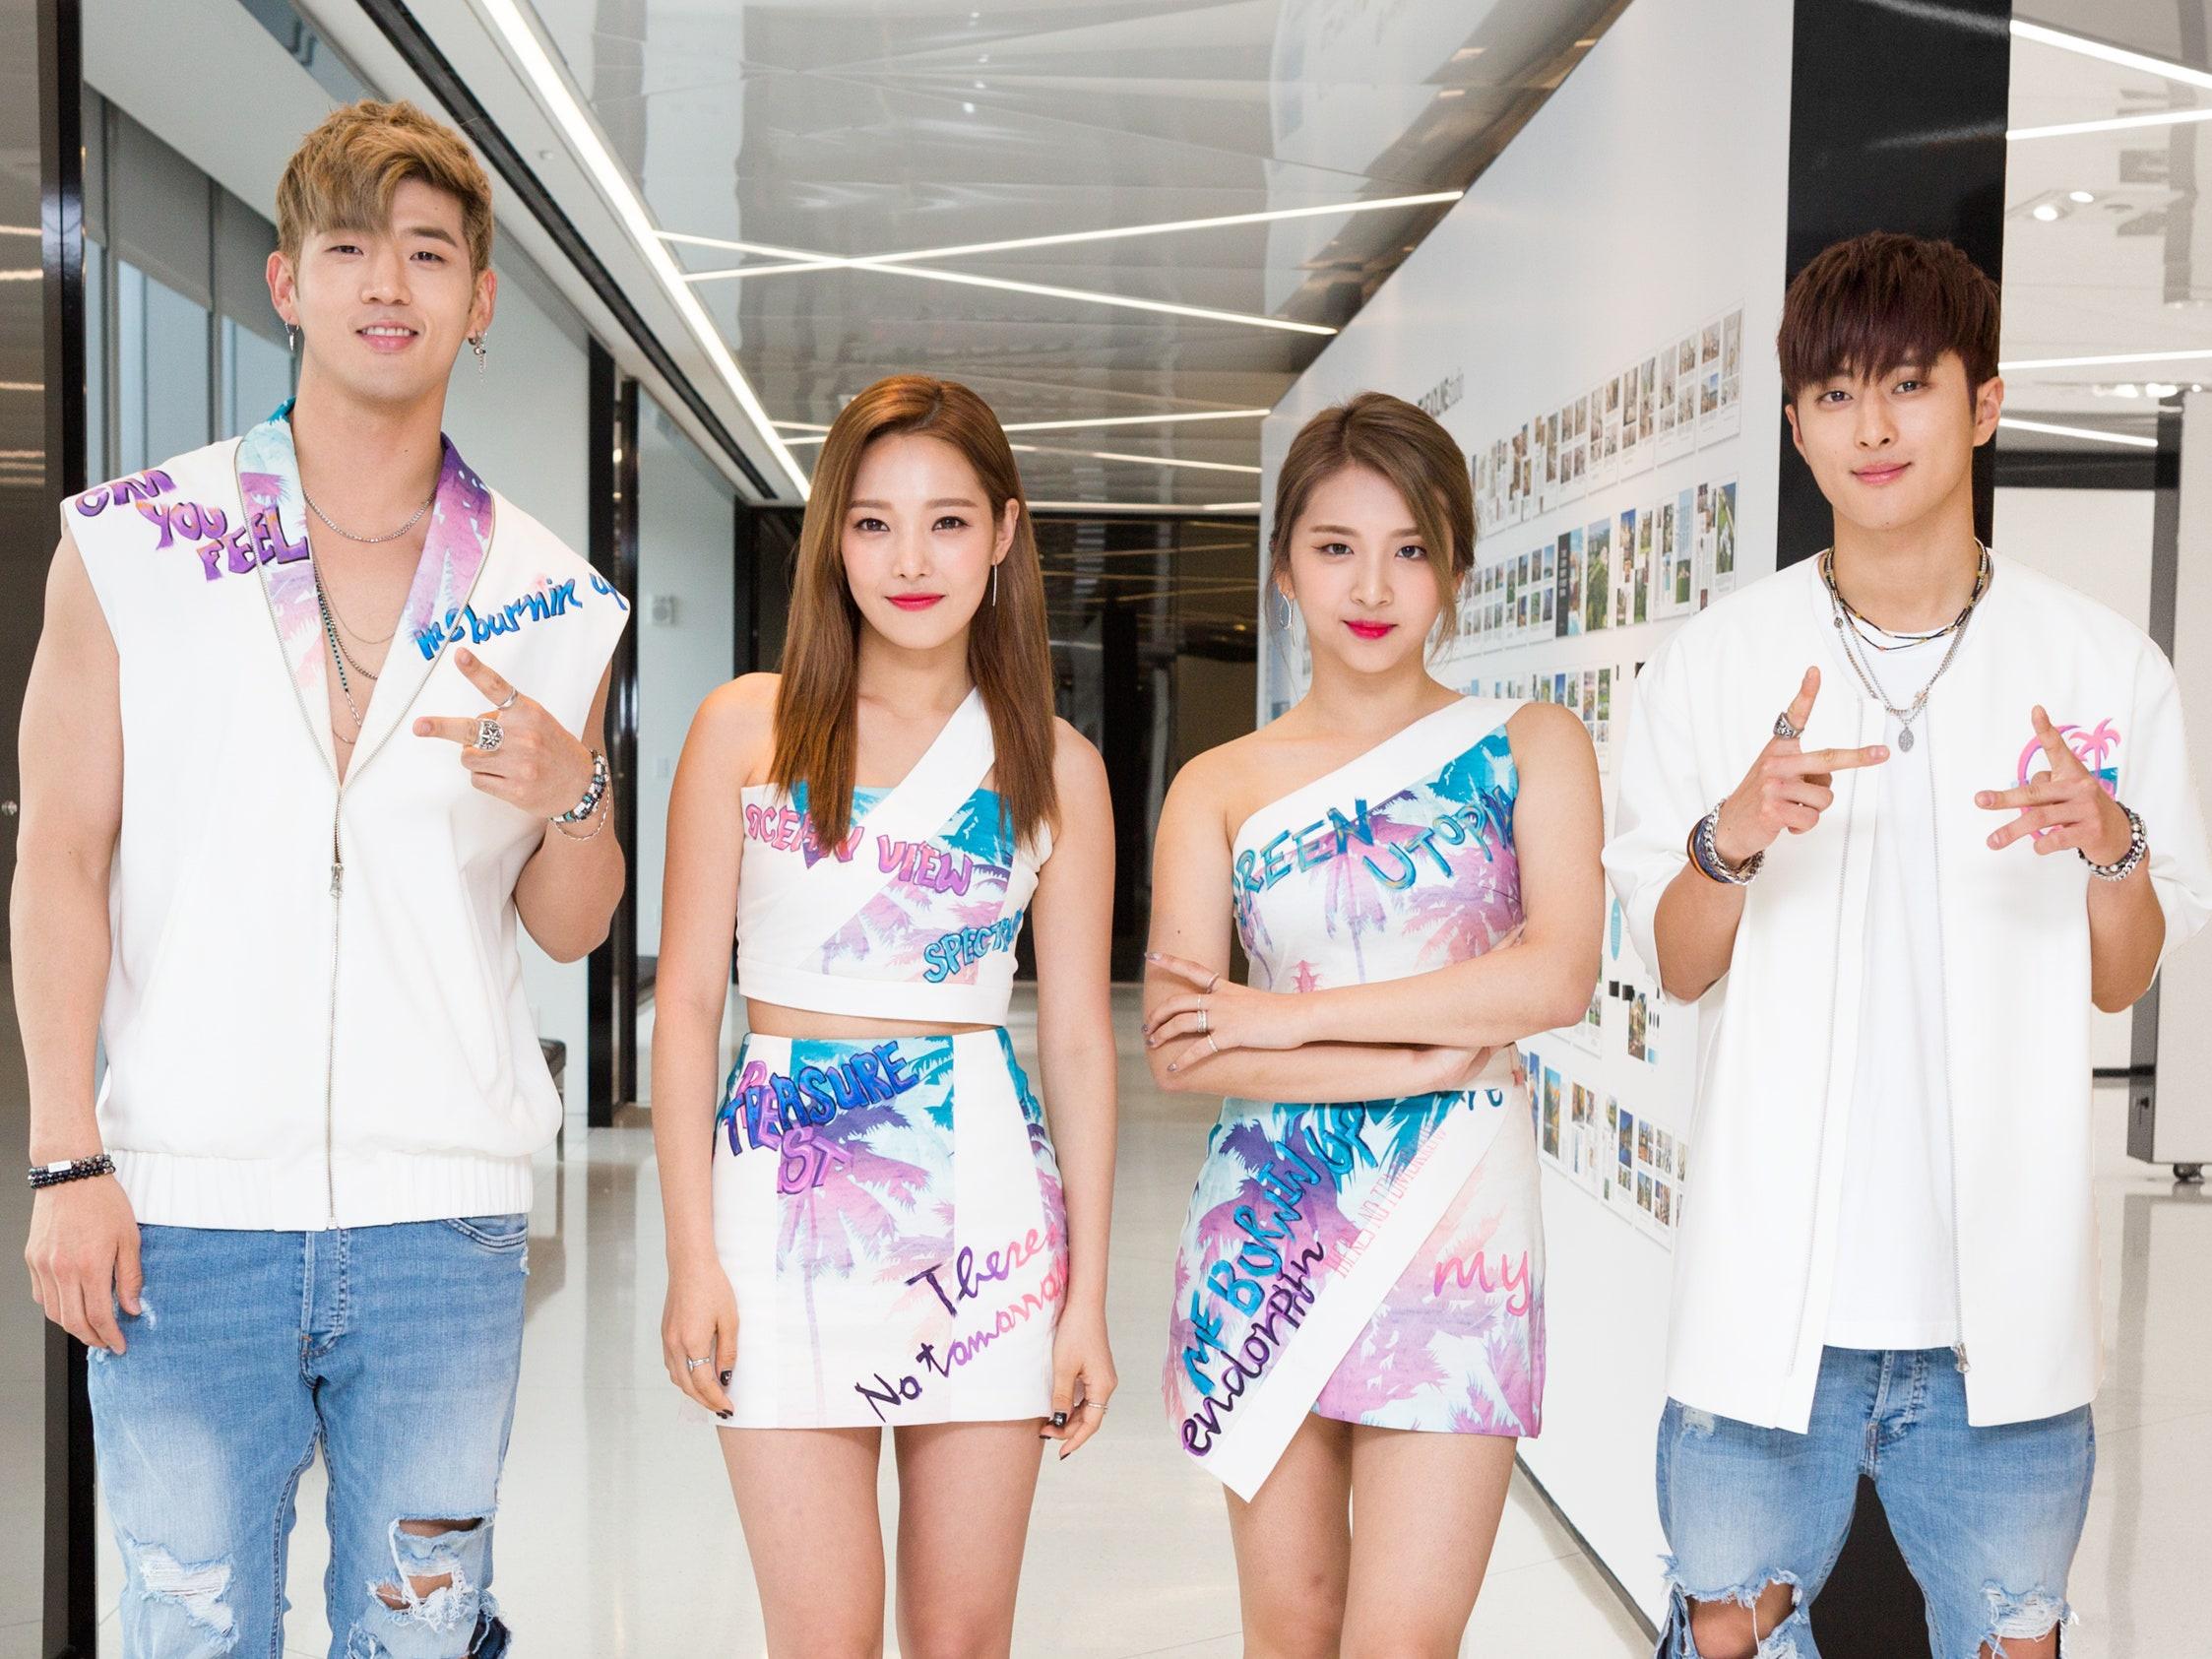 Nhóm nhạc khó có thể tồn tại ở Hàn Quốc